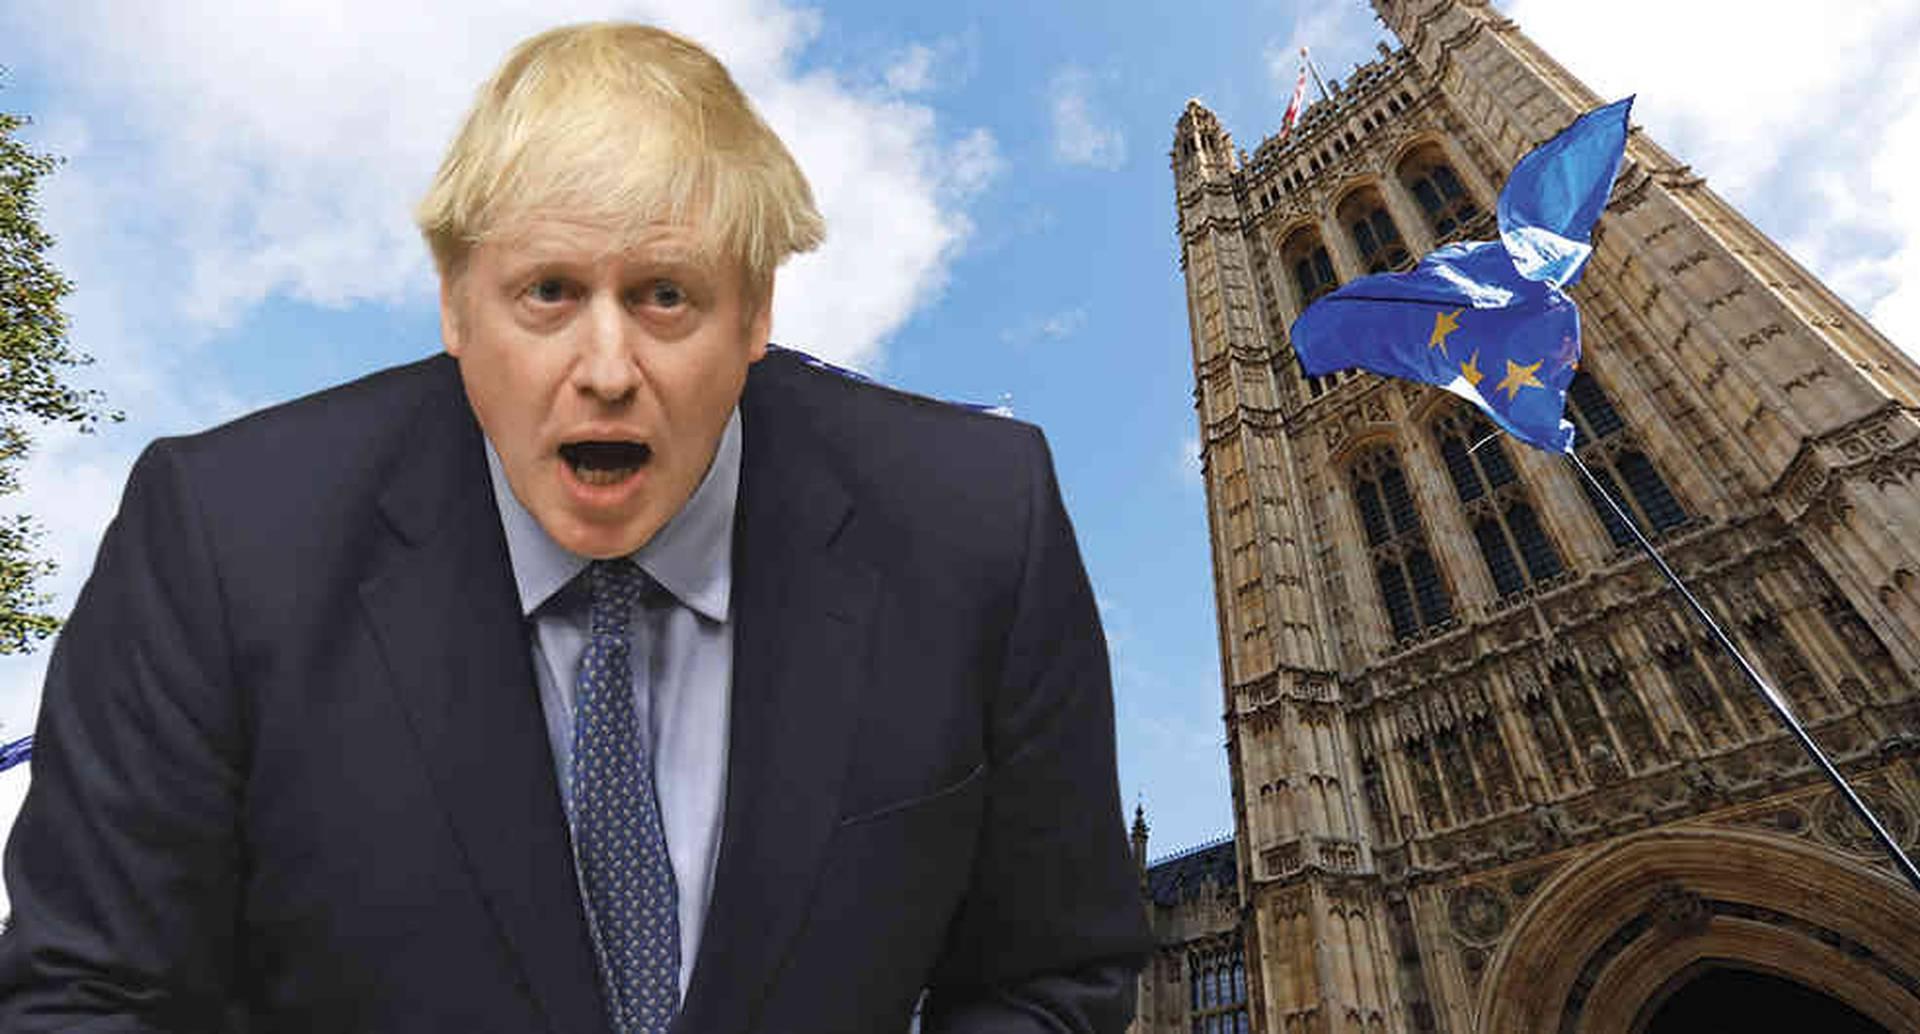 El nuevo primer ministro de Reino Unido, Boris Johnson, conducirá al país a un brexit, sí o sí.